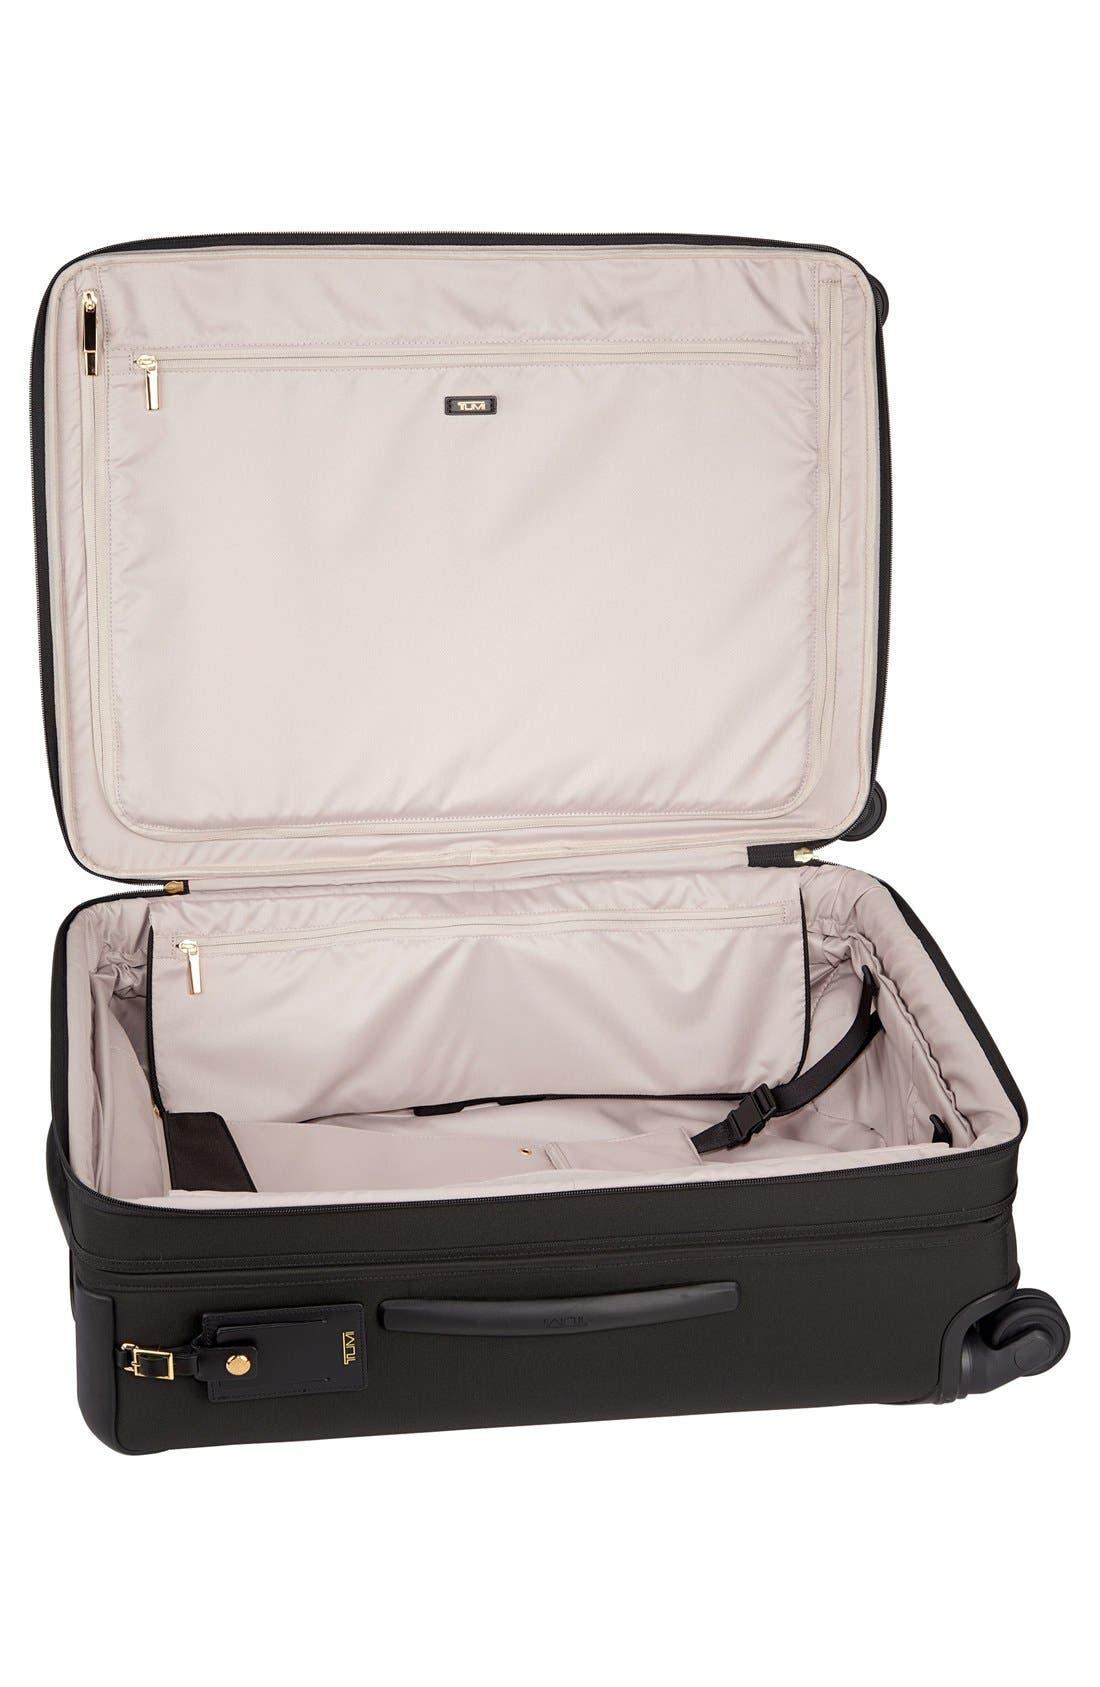 Larkin - Jess Short Trip 26-Inch Expandable 4-Wheel Suitcase,                             Alternate thumbnail 9, color,                             BLACK